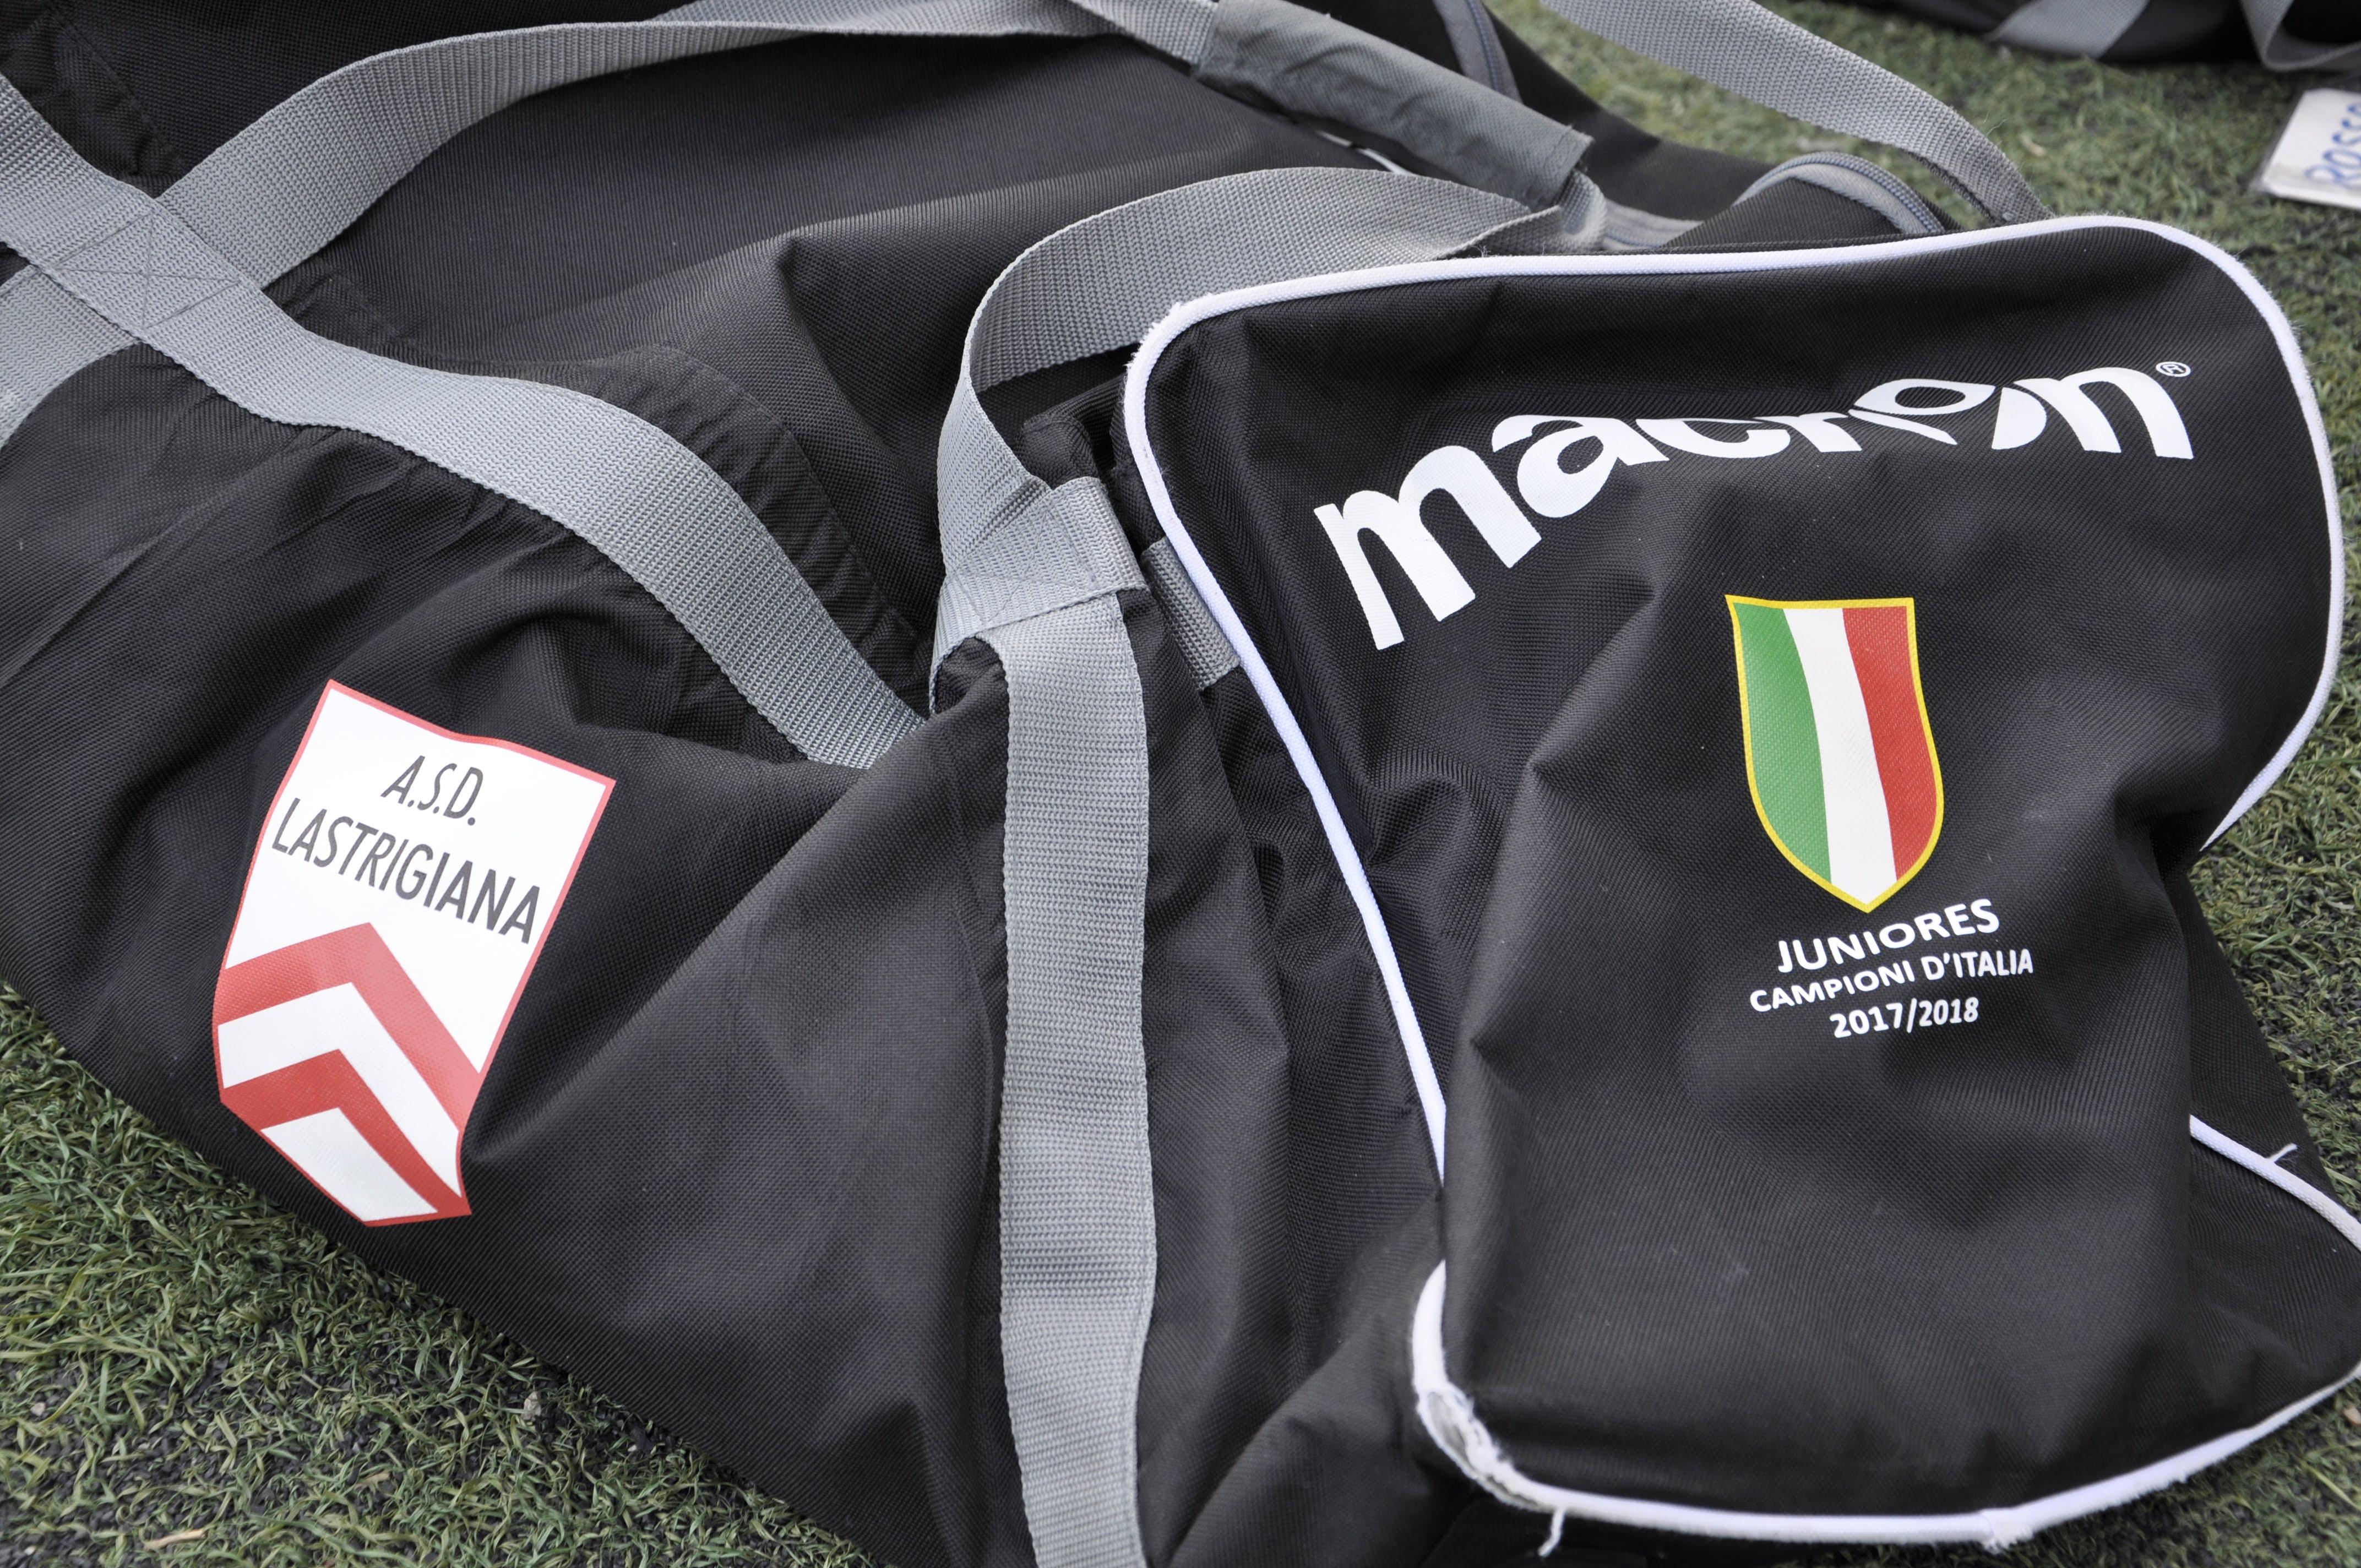 Programma Lastrigiana e Giovani Biancorossi dal 5-10 al 7-10